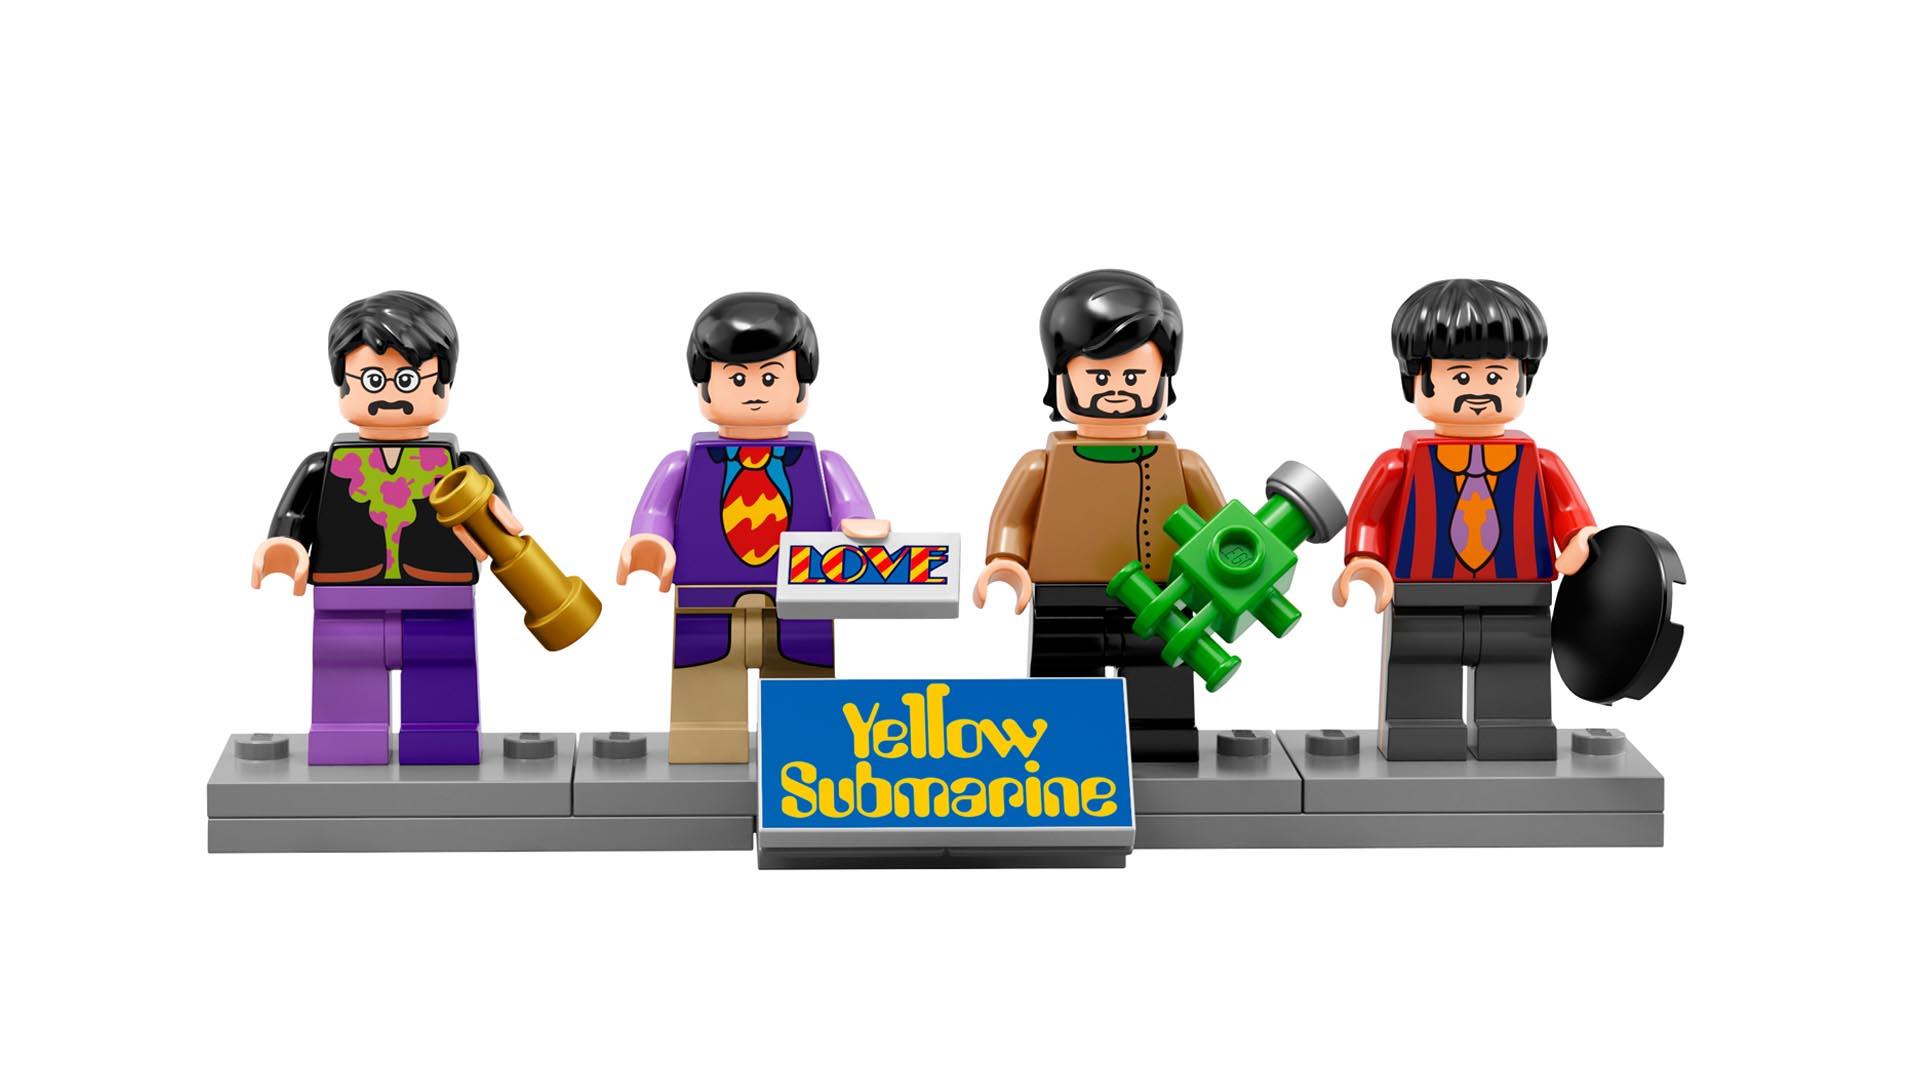 En noviembre llegará a las tiendas la edición especial de las figuras para celebrar los 50 años de la canción Yellow Submarine